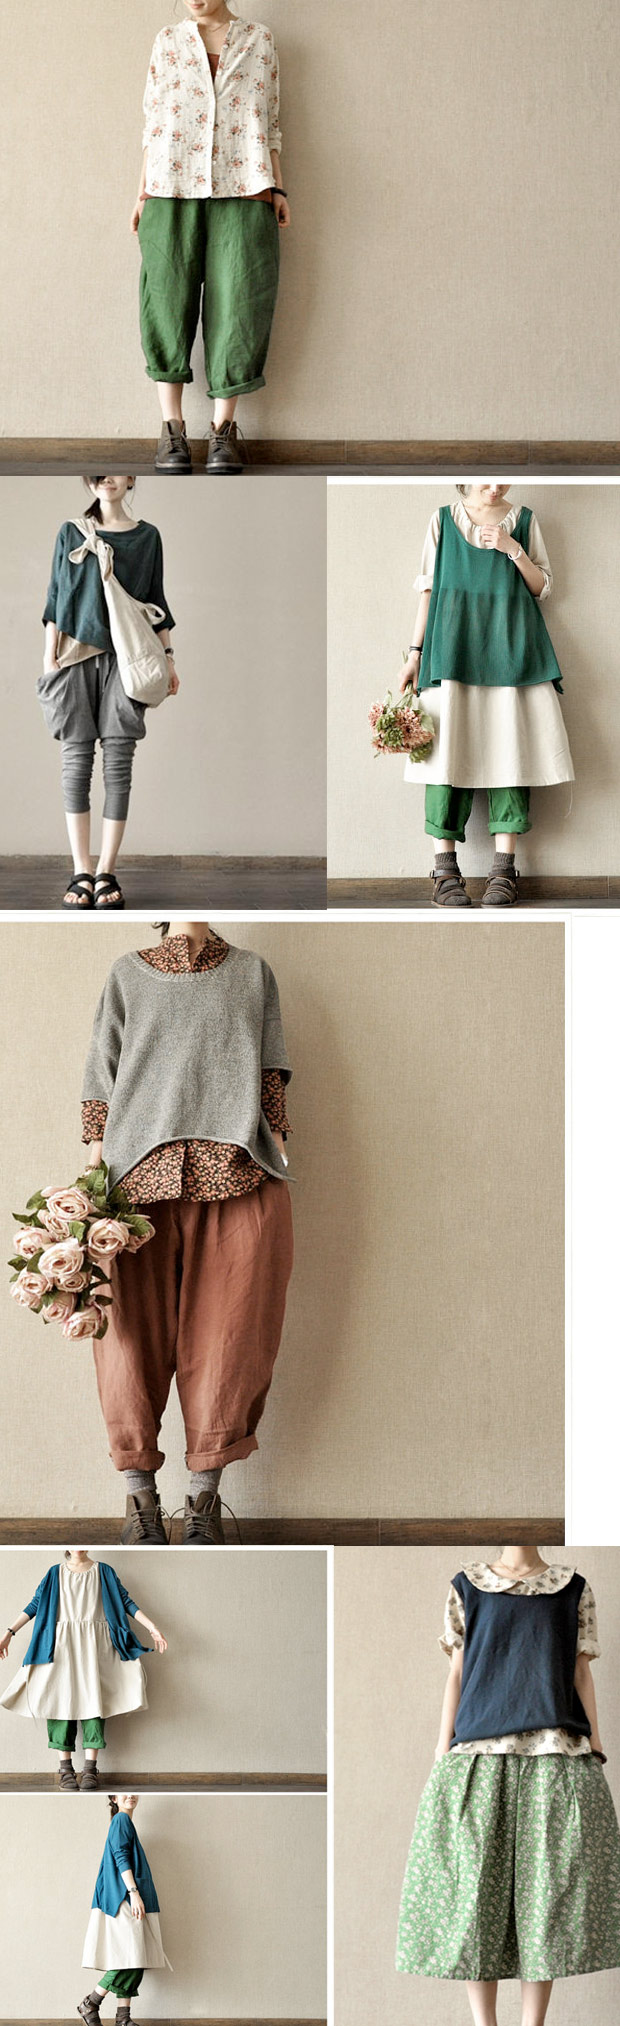 clothing-show-etsy